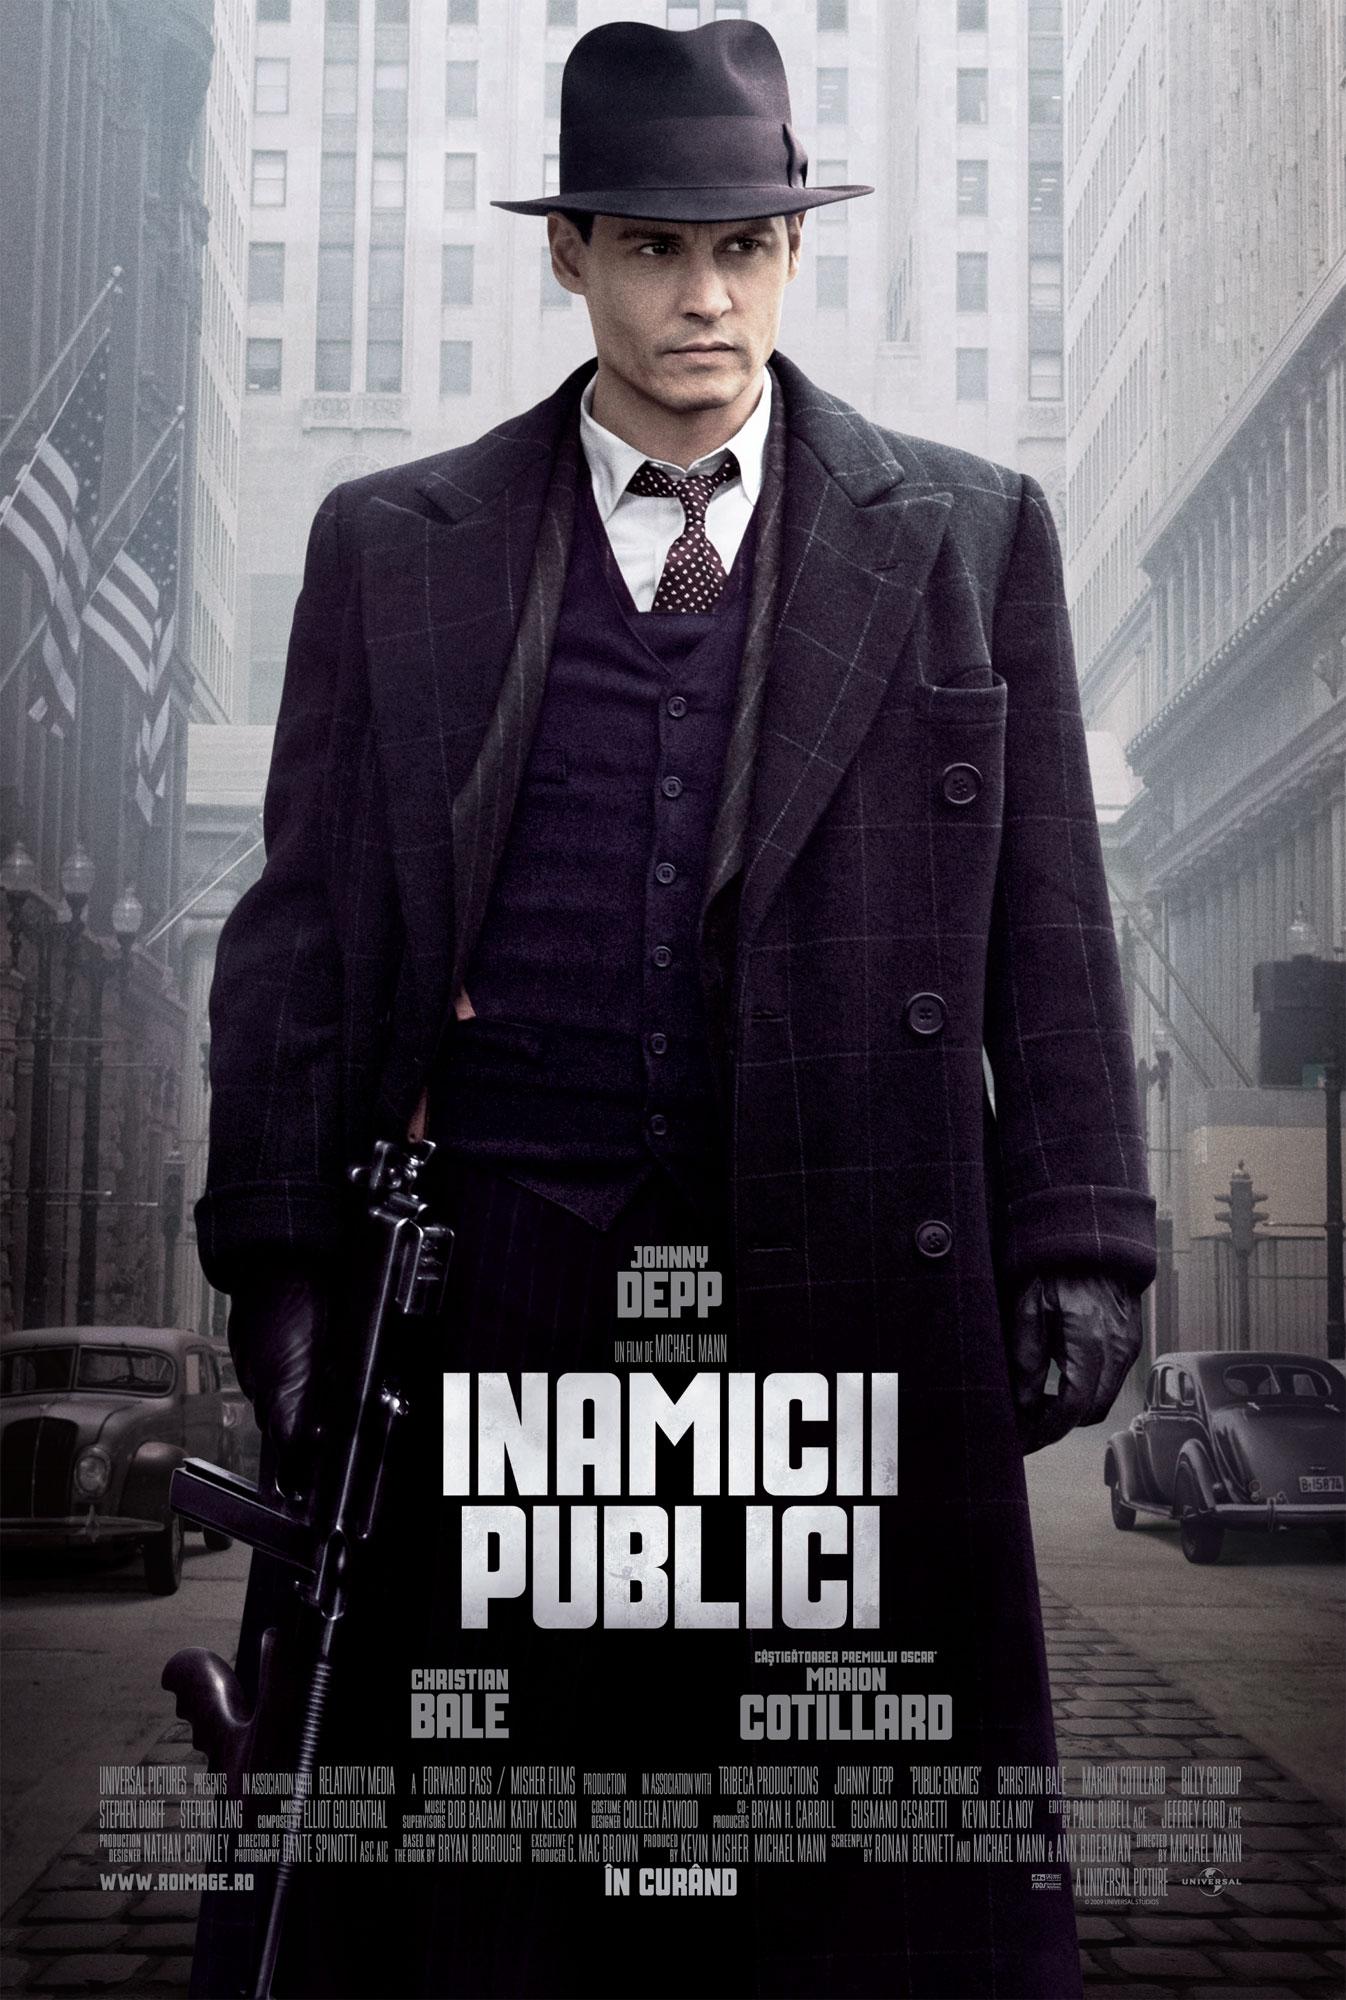 public enemies inamicii publici 2009 film cinemagiaro